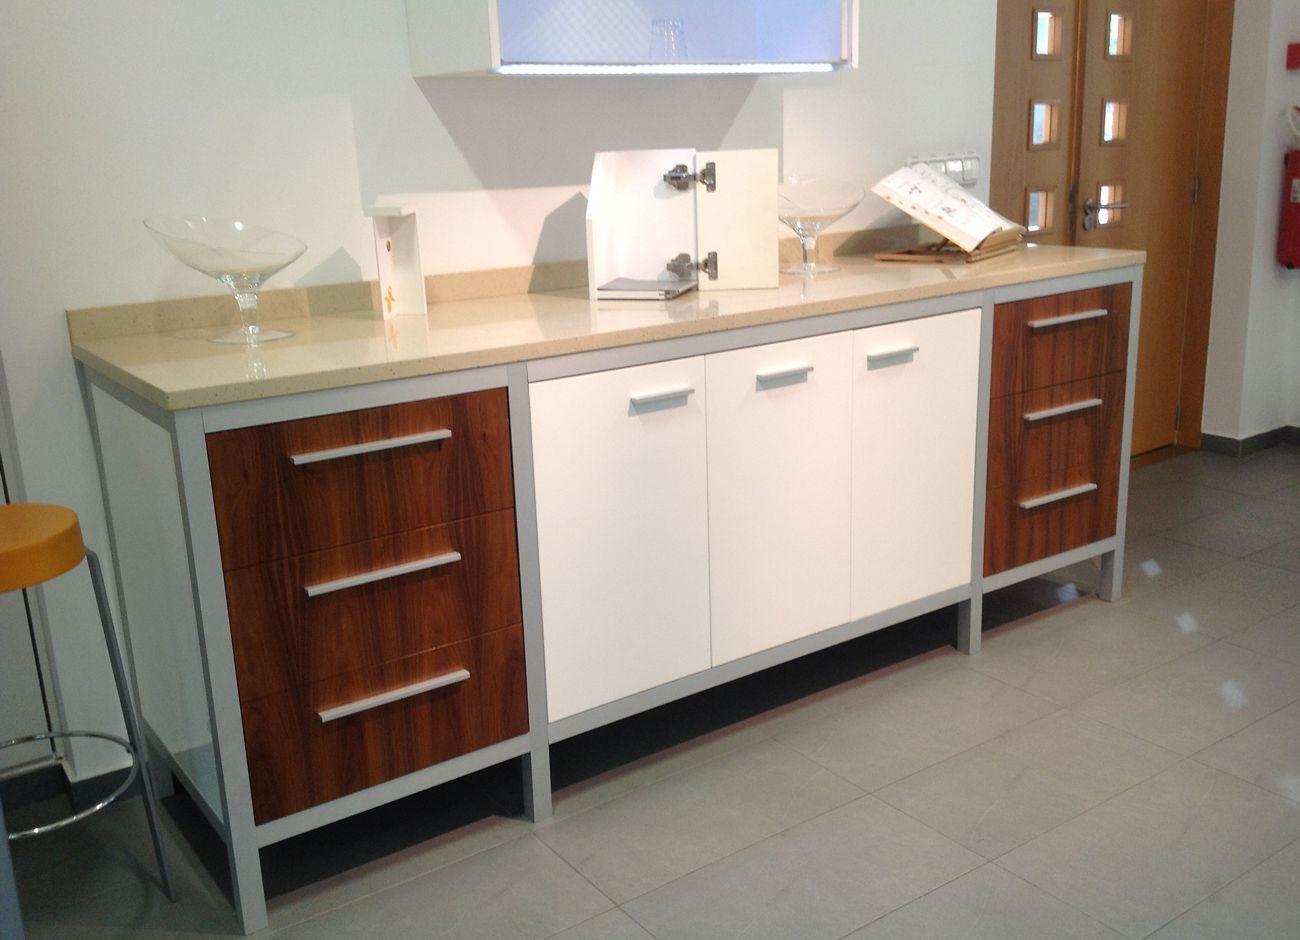 puertas para mueble de cocina